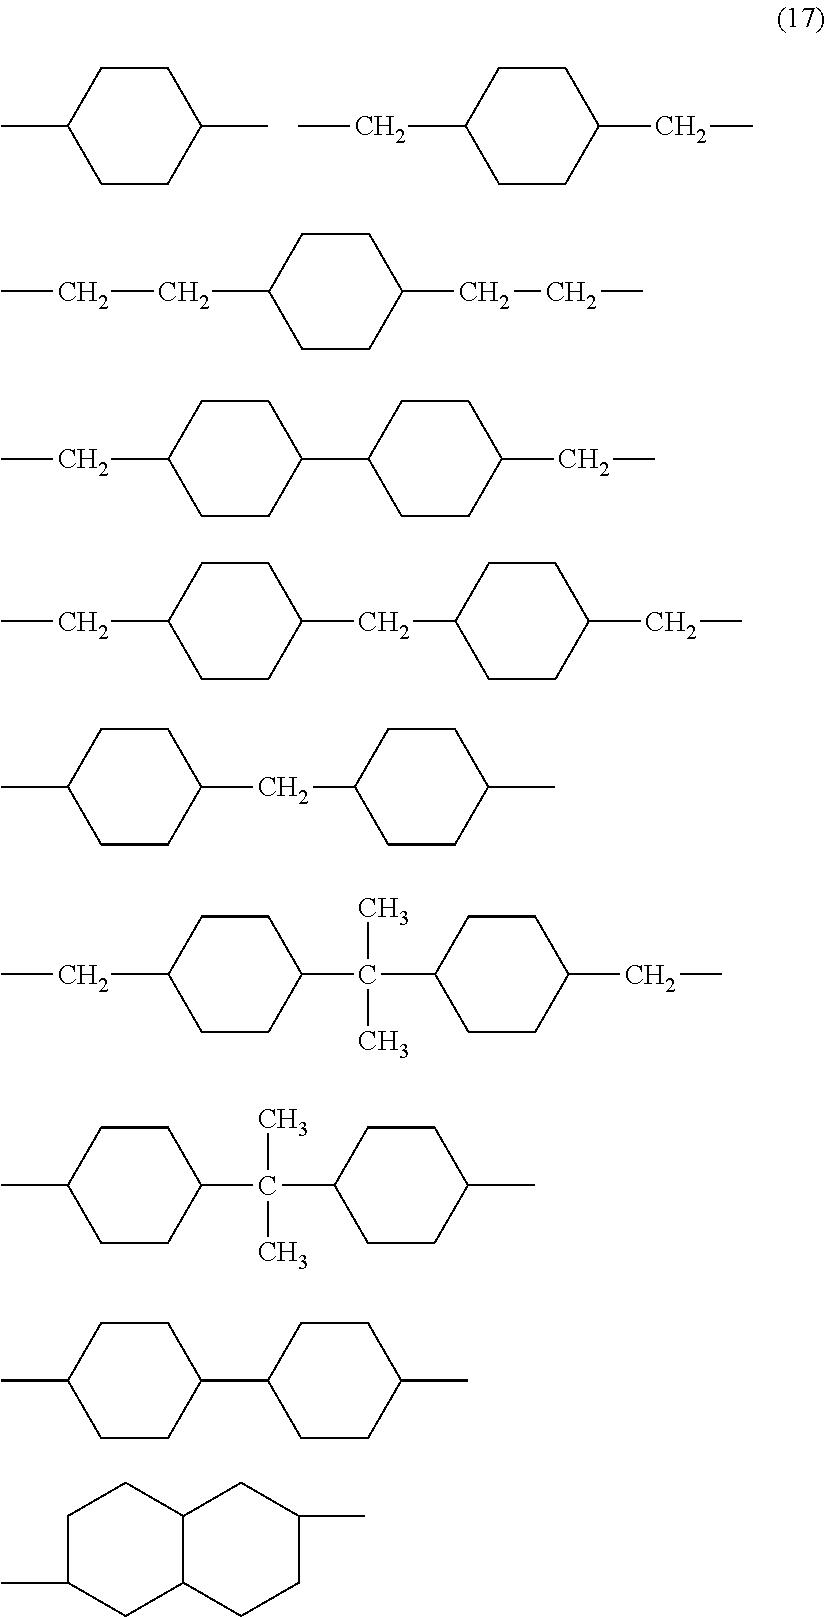 Figure US08735505-20140527-C00017